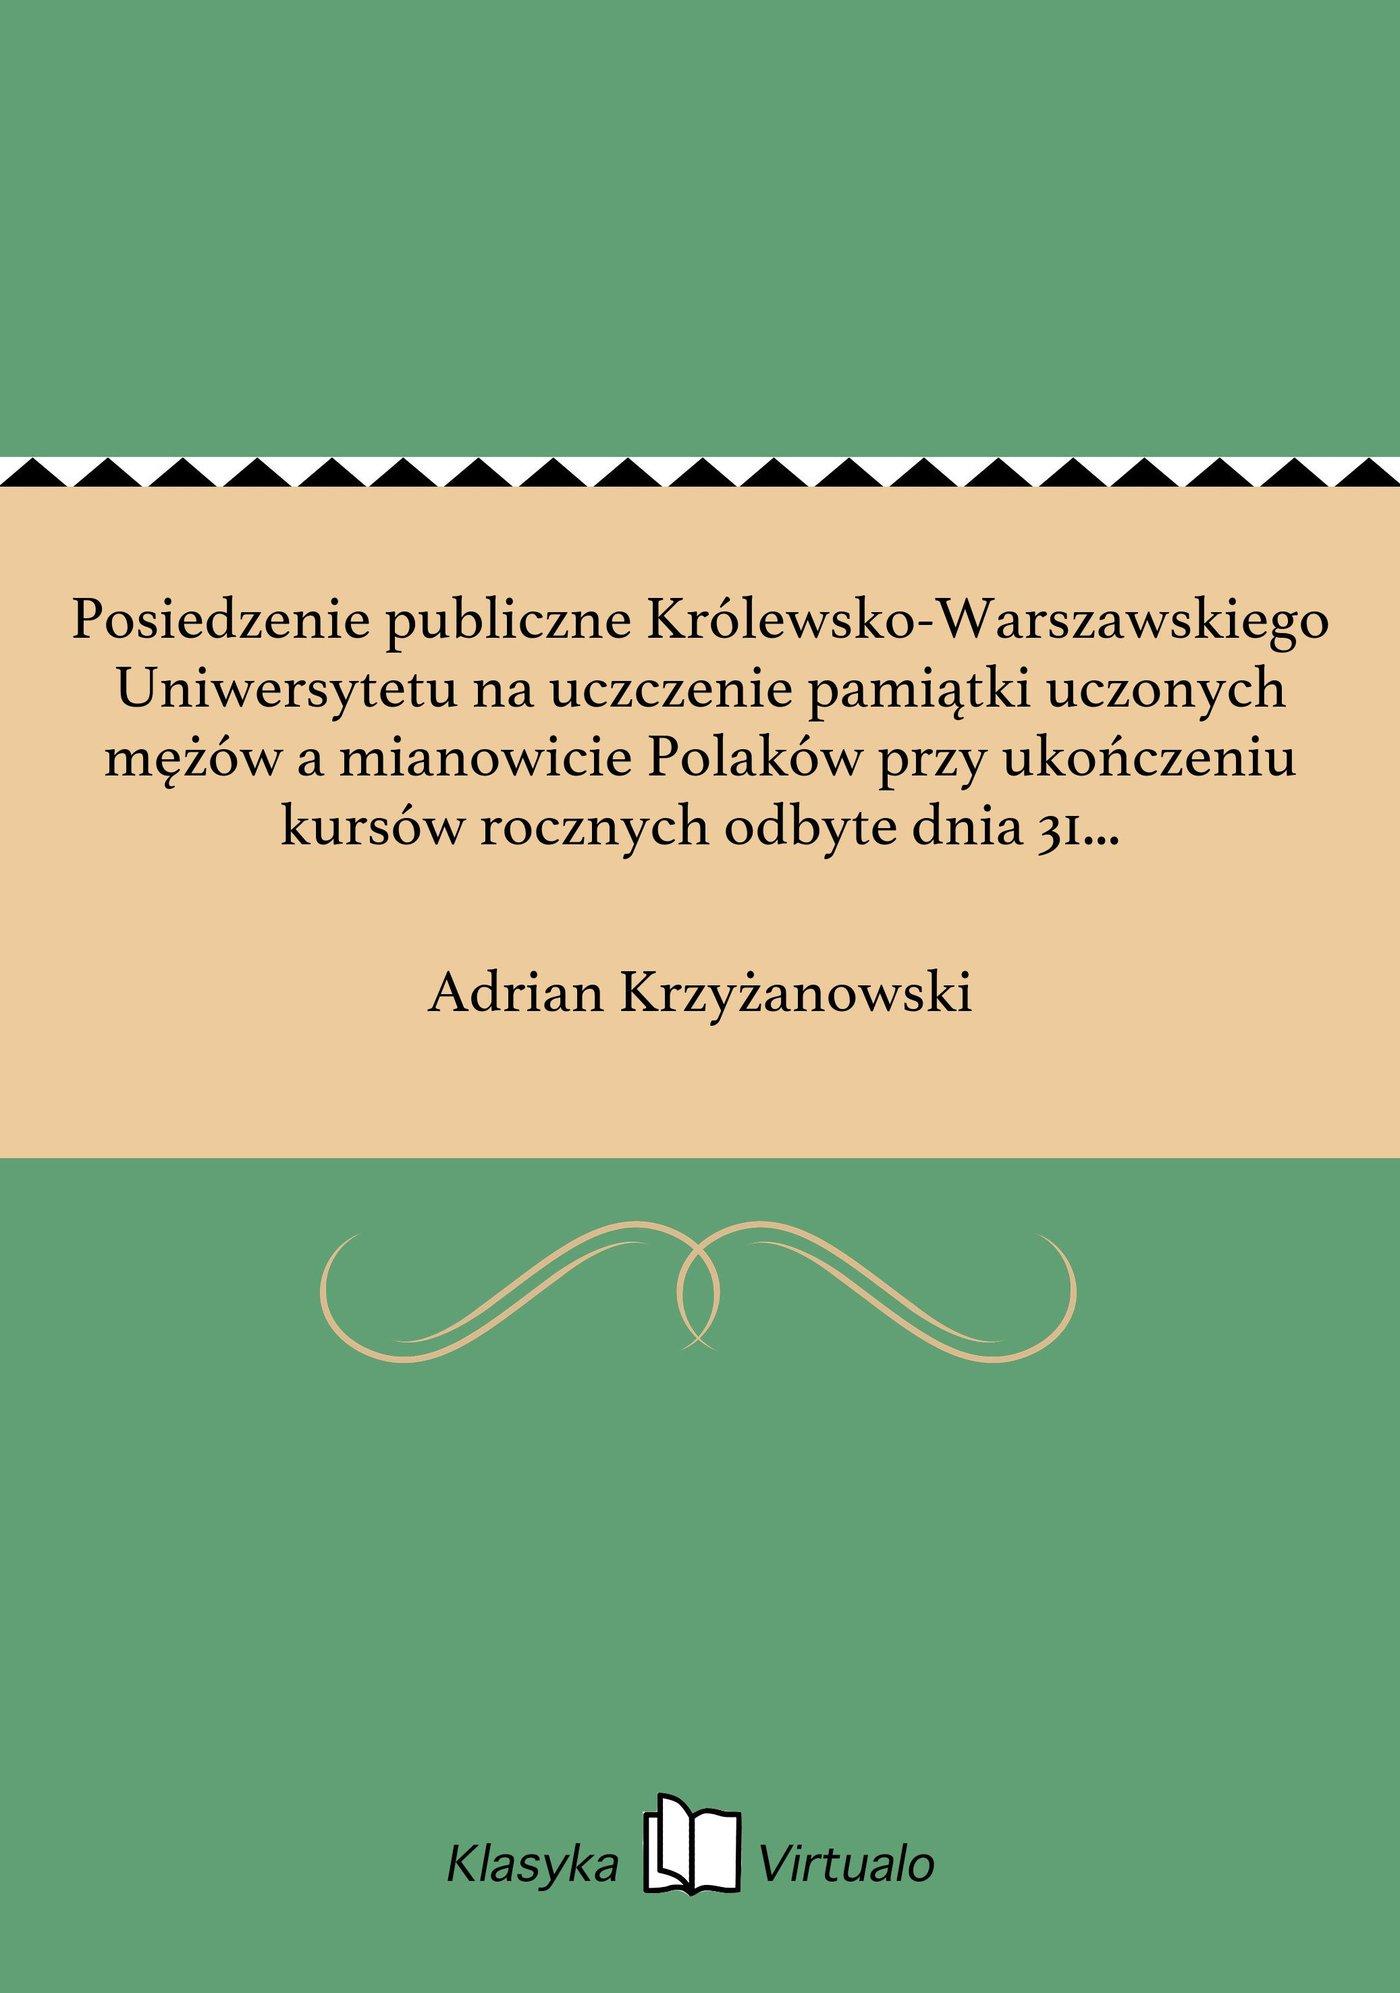 Posiedzenie publiczne Królewsko-Warszawskiego Uniwersytetu na uczczenie pamiątki uczonych mężów a mianowicie Polaków przy ukończeniu kursów rocznych odbyte dnia 31 lipca 1822 roku - Ebook (Książka EPUB) do pobrania w formacie EPUB